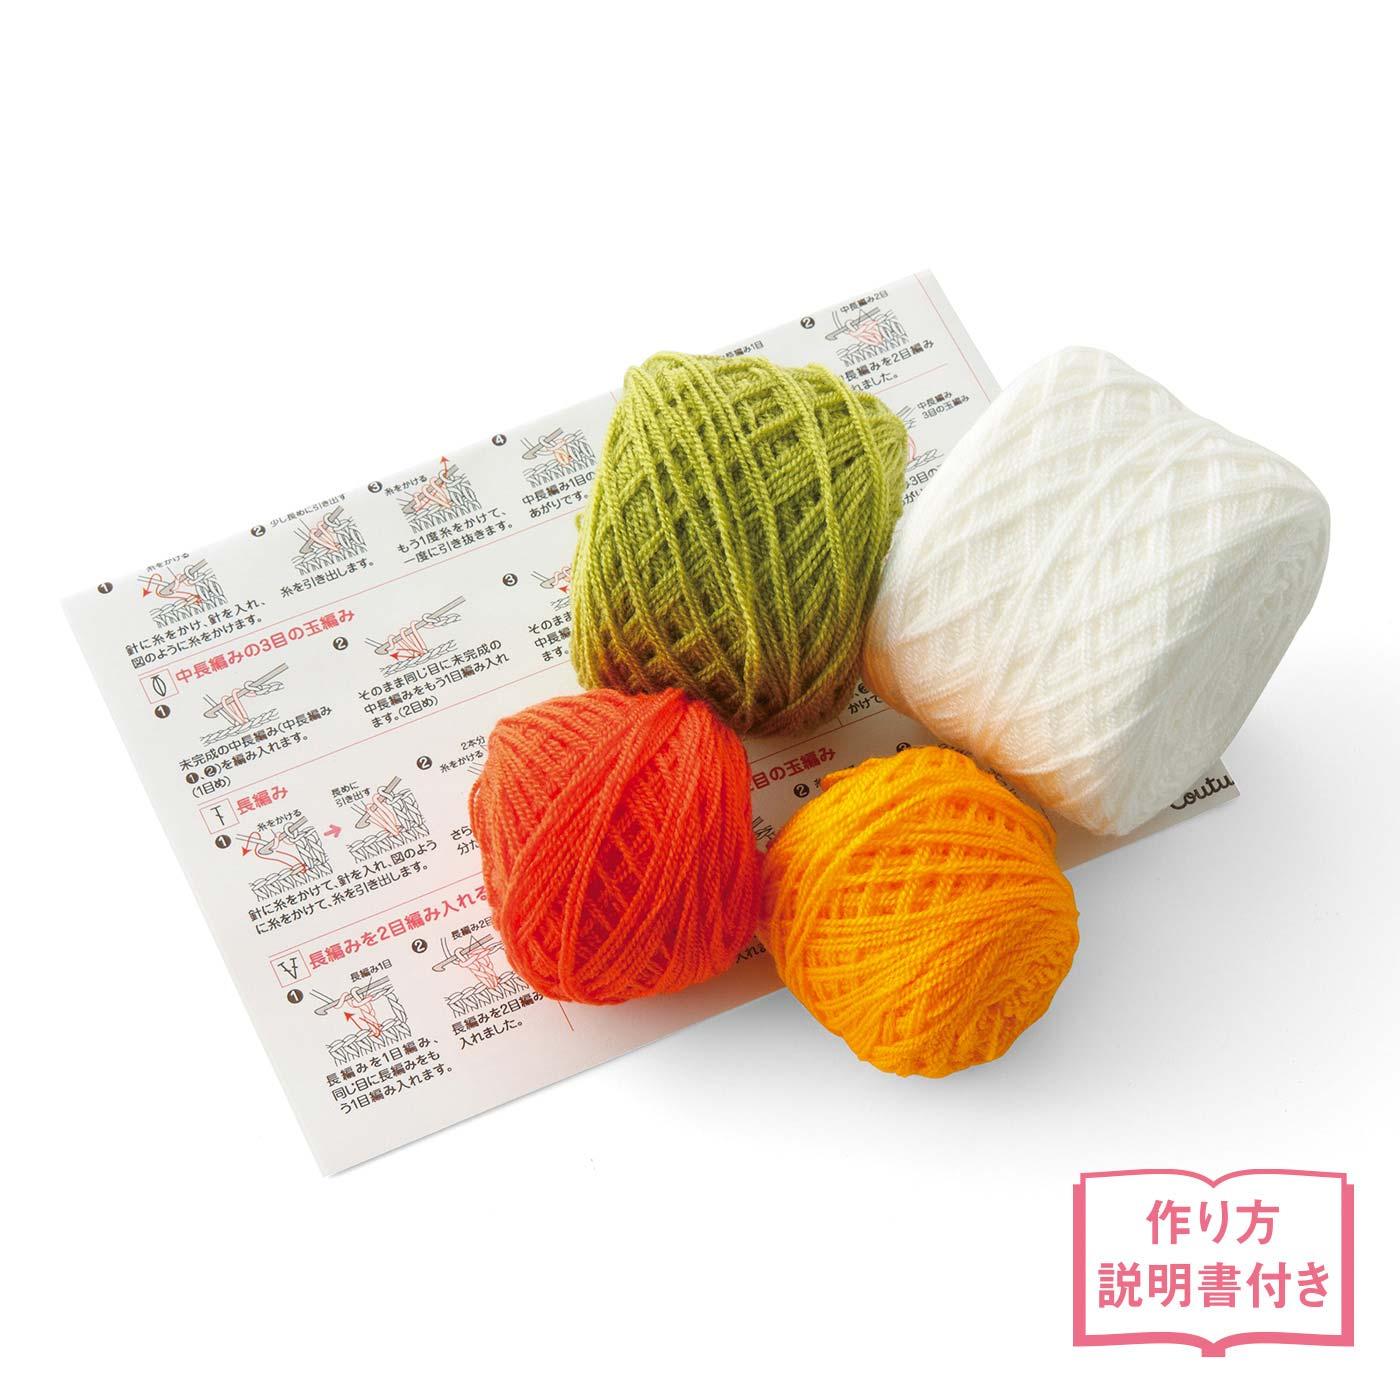 ●1回分のお届けキット例です。 すべてのデザインに共通して使えるリフ編みの基本レシピが付いています。